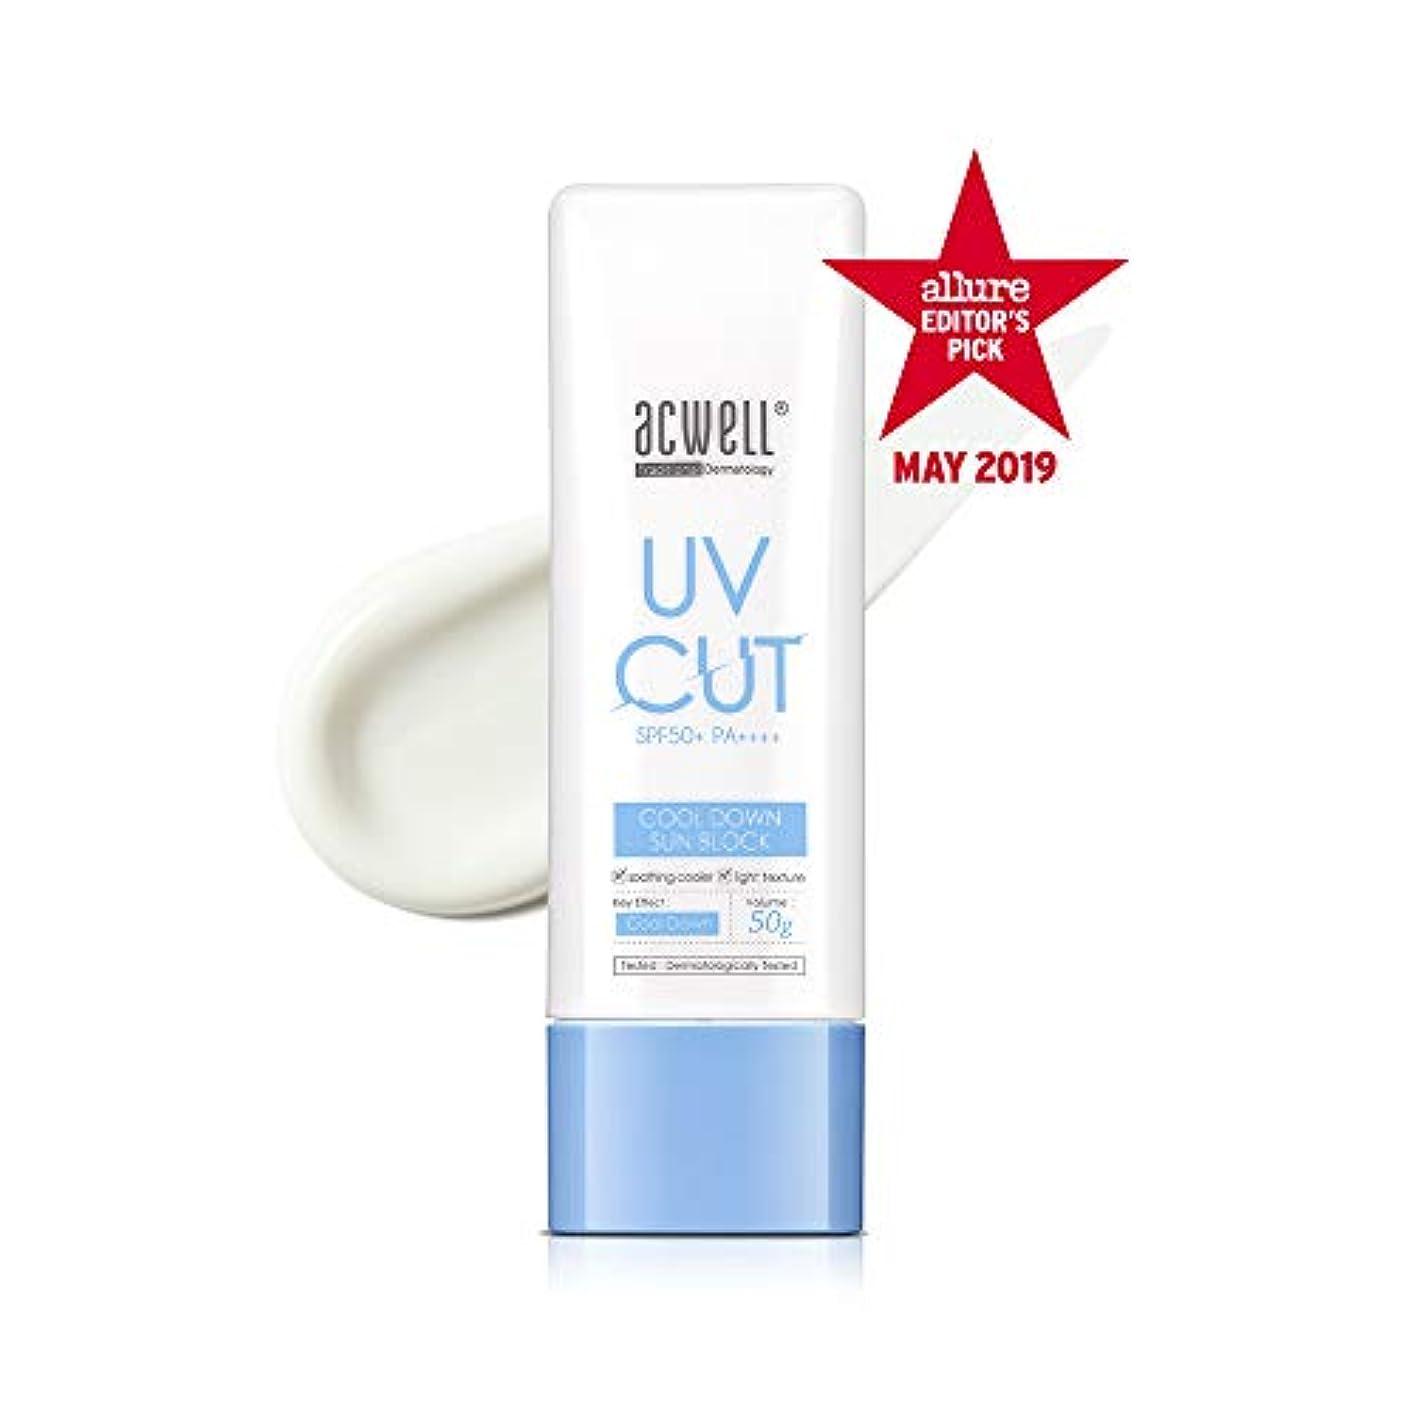 極めて重要なエンジン取り替えるアクウェル ACWELL UV Cut Cool Down Sun Block クールダウン サンブロック 50g, SPF50+ PA++++ [Made in Korea]